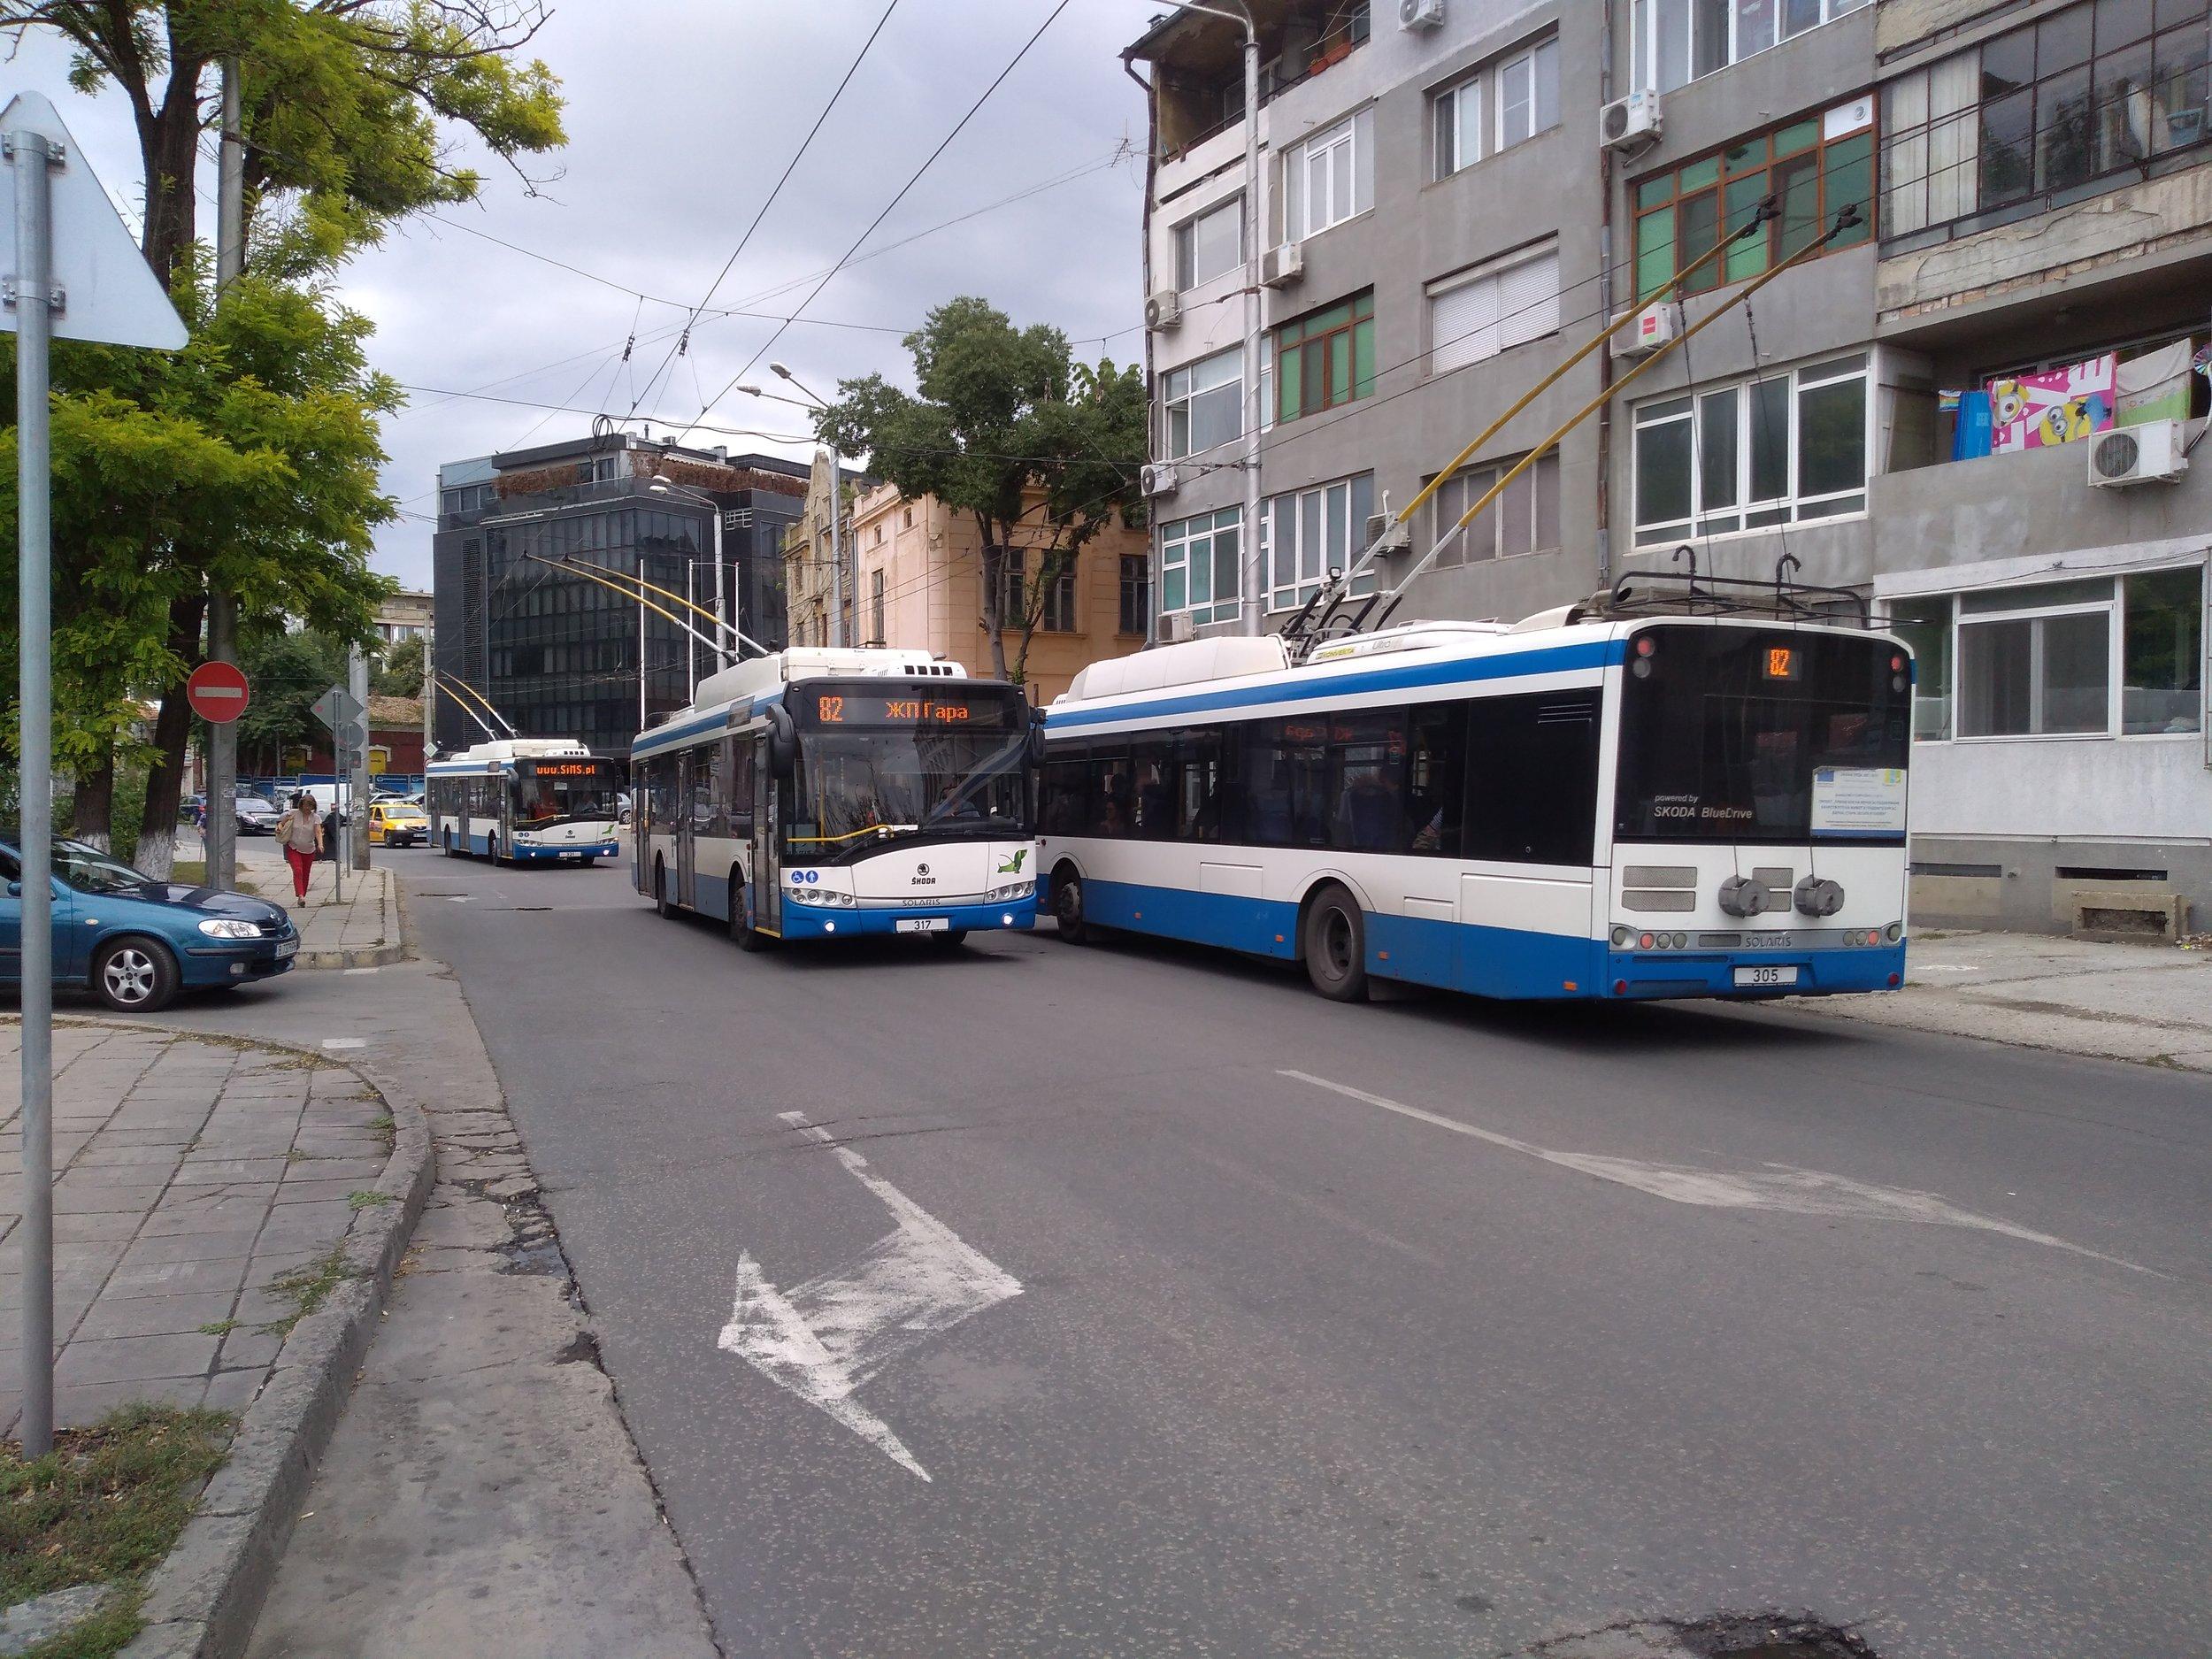 Vyfotit tři trolejbusy současně vyžaduje velkou míru štěstí, trolejbusy totiž ve Varně v krátkých intervalech nejezdí. Zde se sešly dva trolejbusy na lince s trolejbusem, který jel bez cestujících.